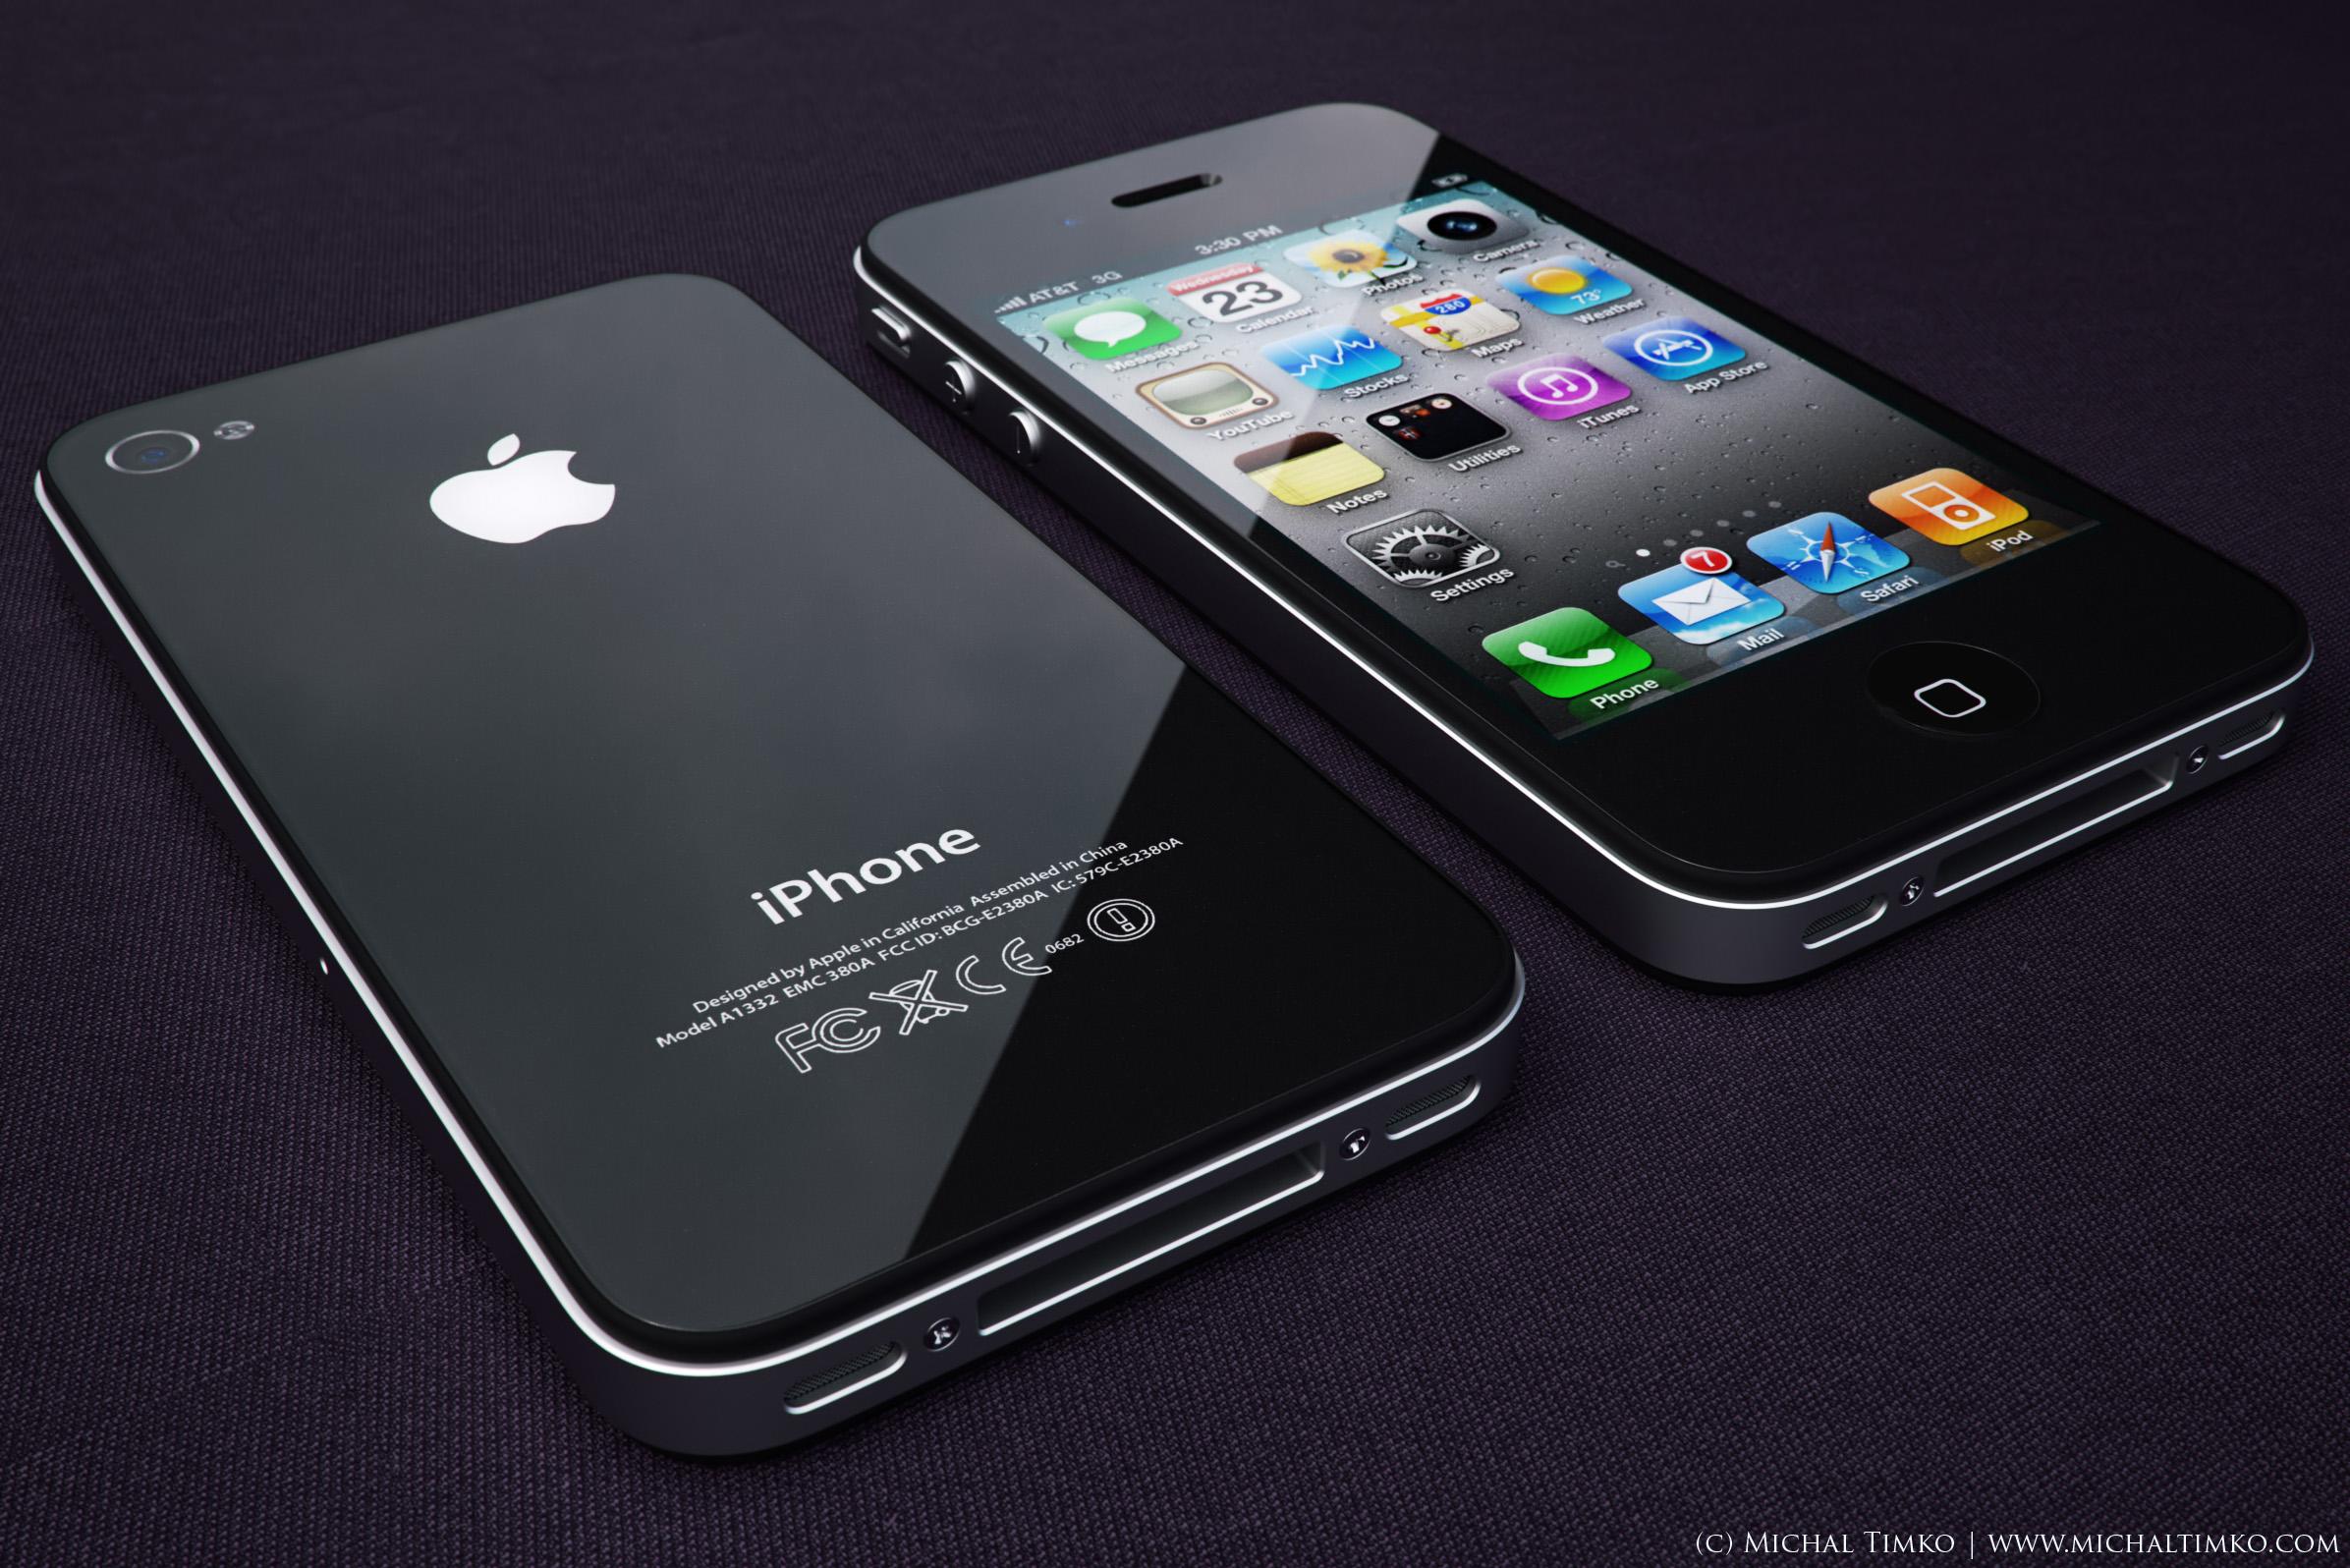 Opengl es 2.0 download iphone 3